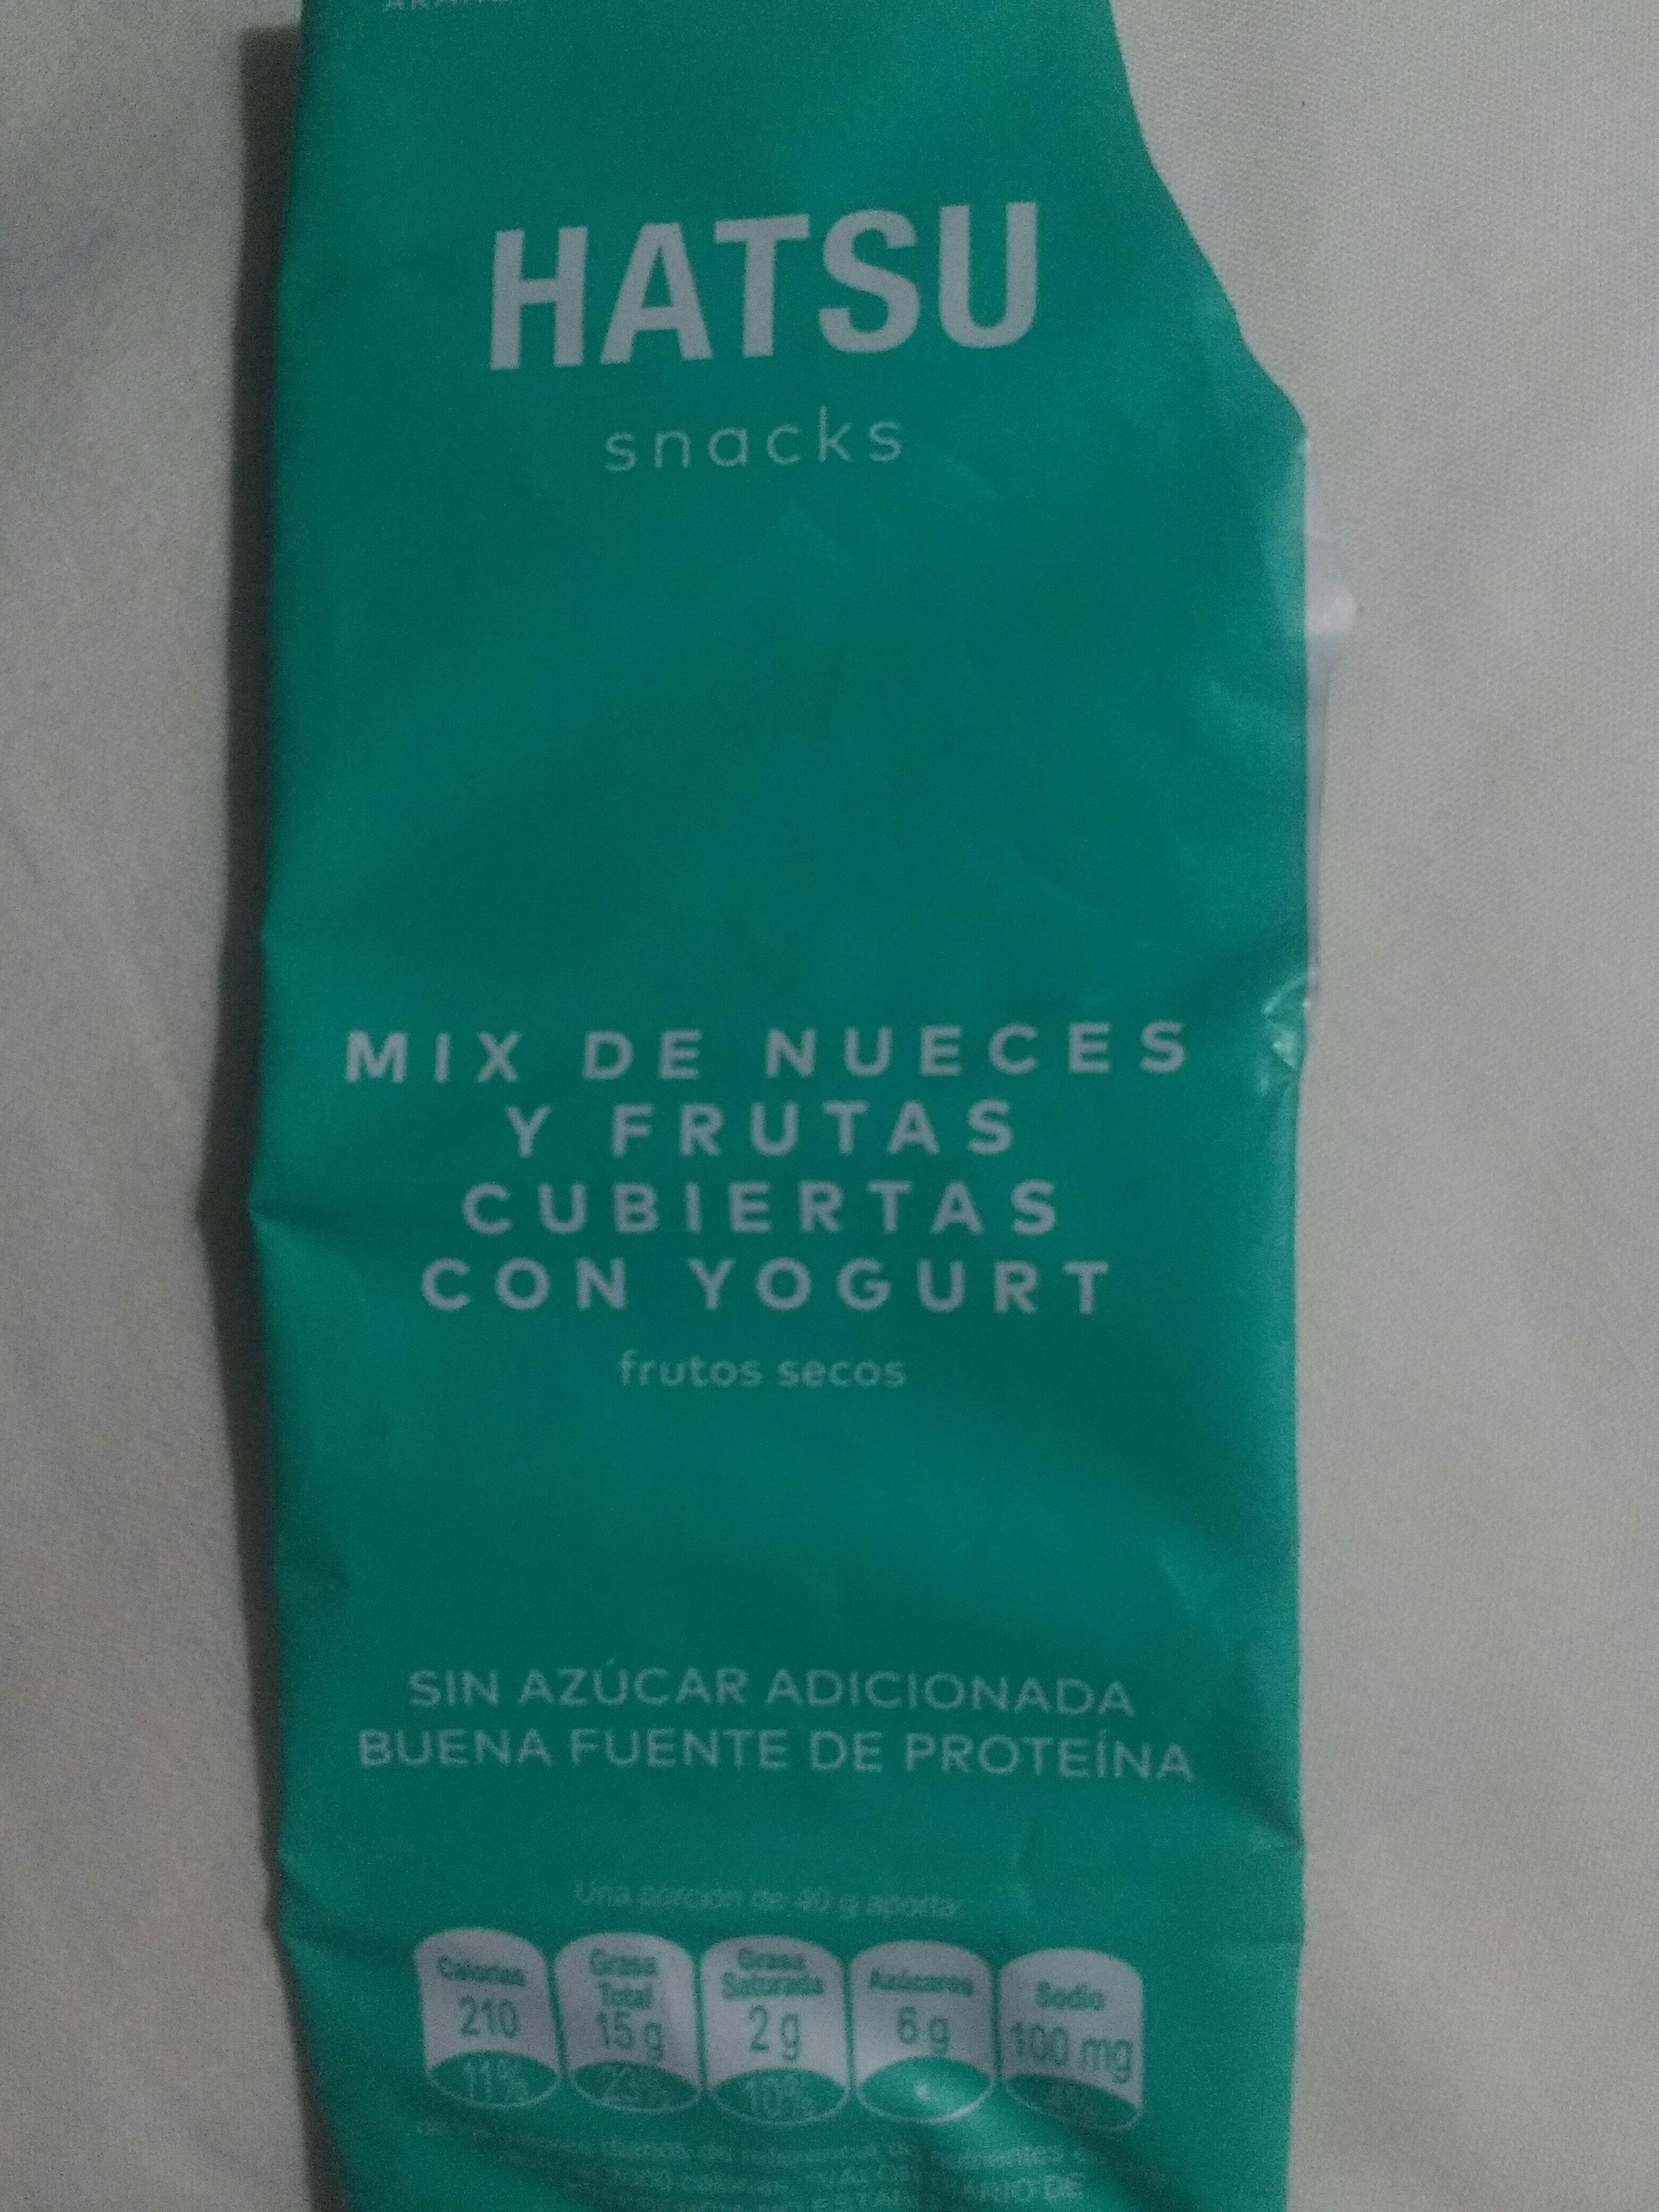 HATSU snacks - Product - en